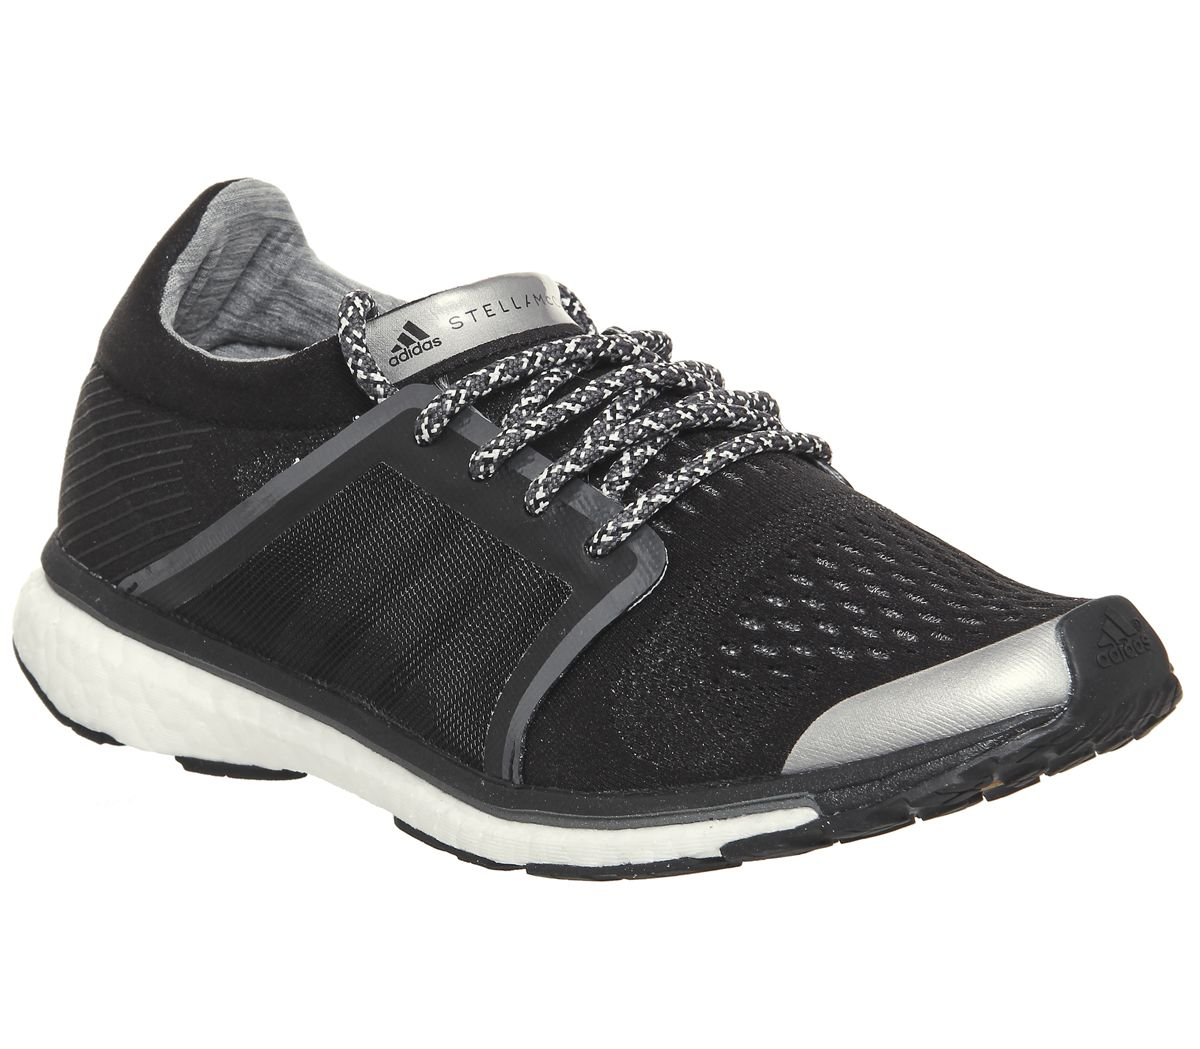 5615016946a01 adidas Stella McCartney Adizero Adios Black Night Grey Tech Silver ...